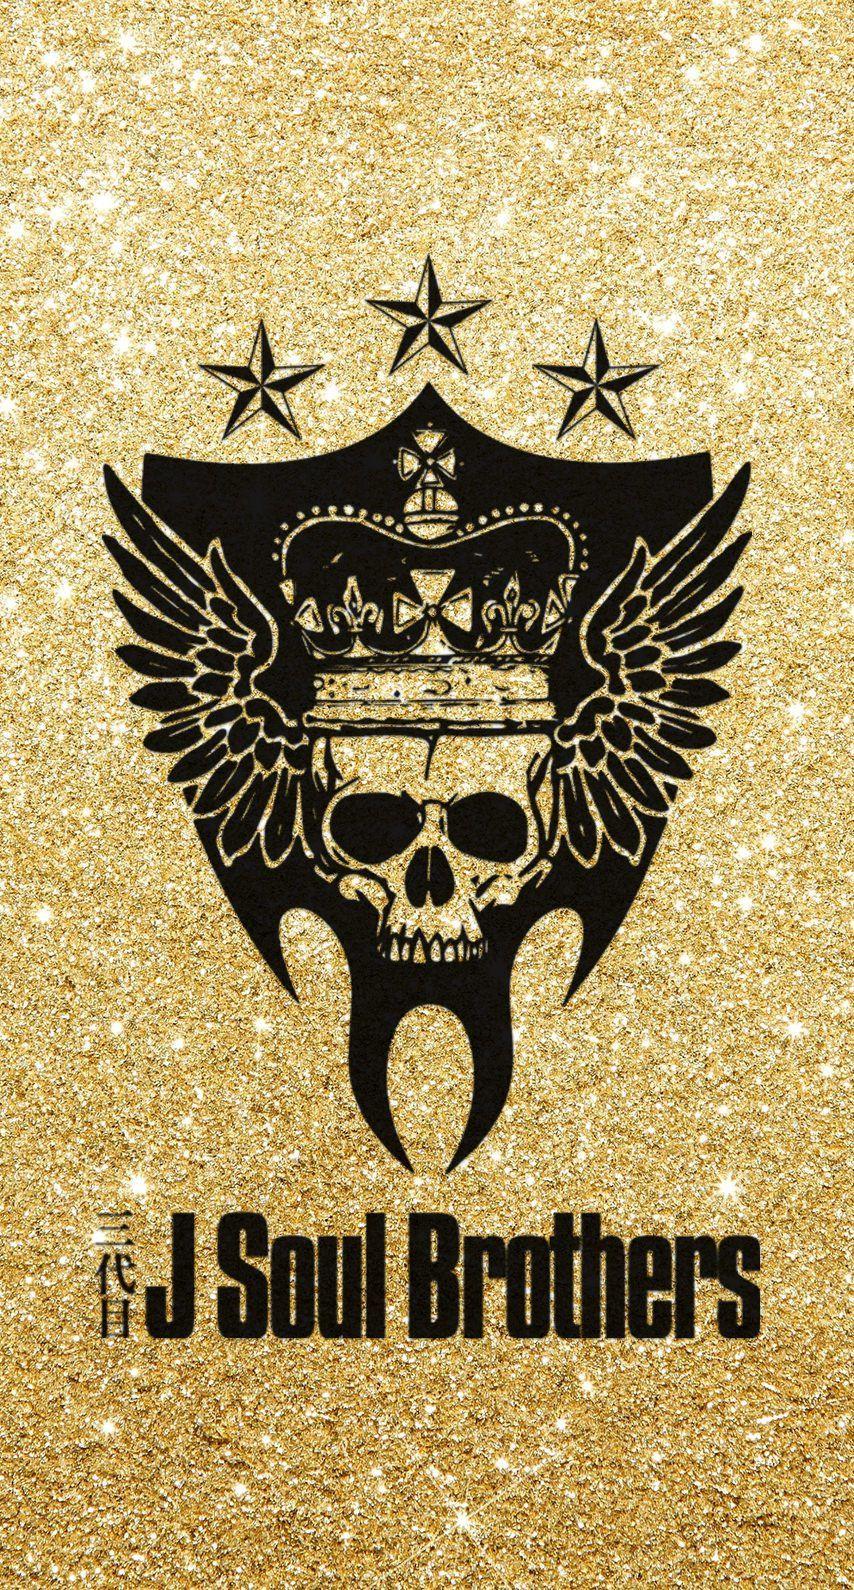 三代目 J Soul Brothersロゴキラキラゴールド Iphone壁紙 ただひたすらiphoneの壁紙が集まるサイト Soul Brothers Kingdom Hearts Tribe